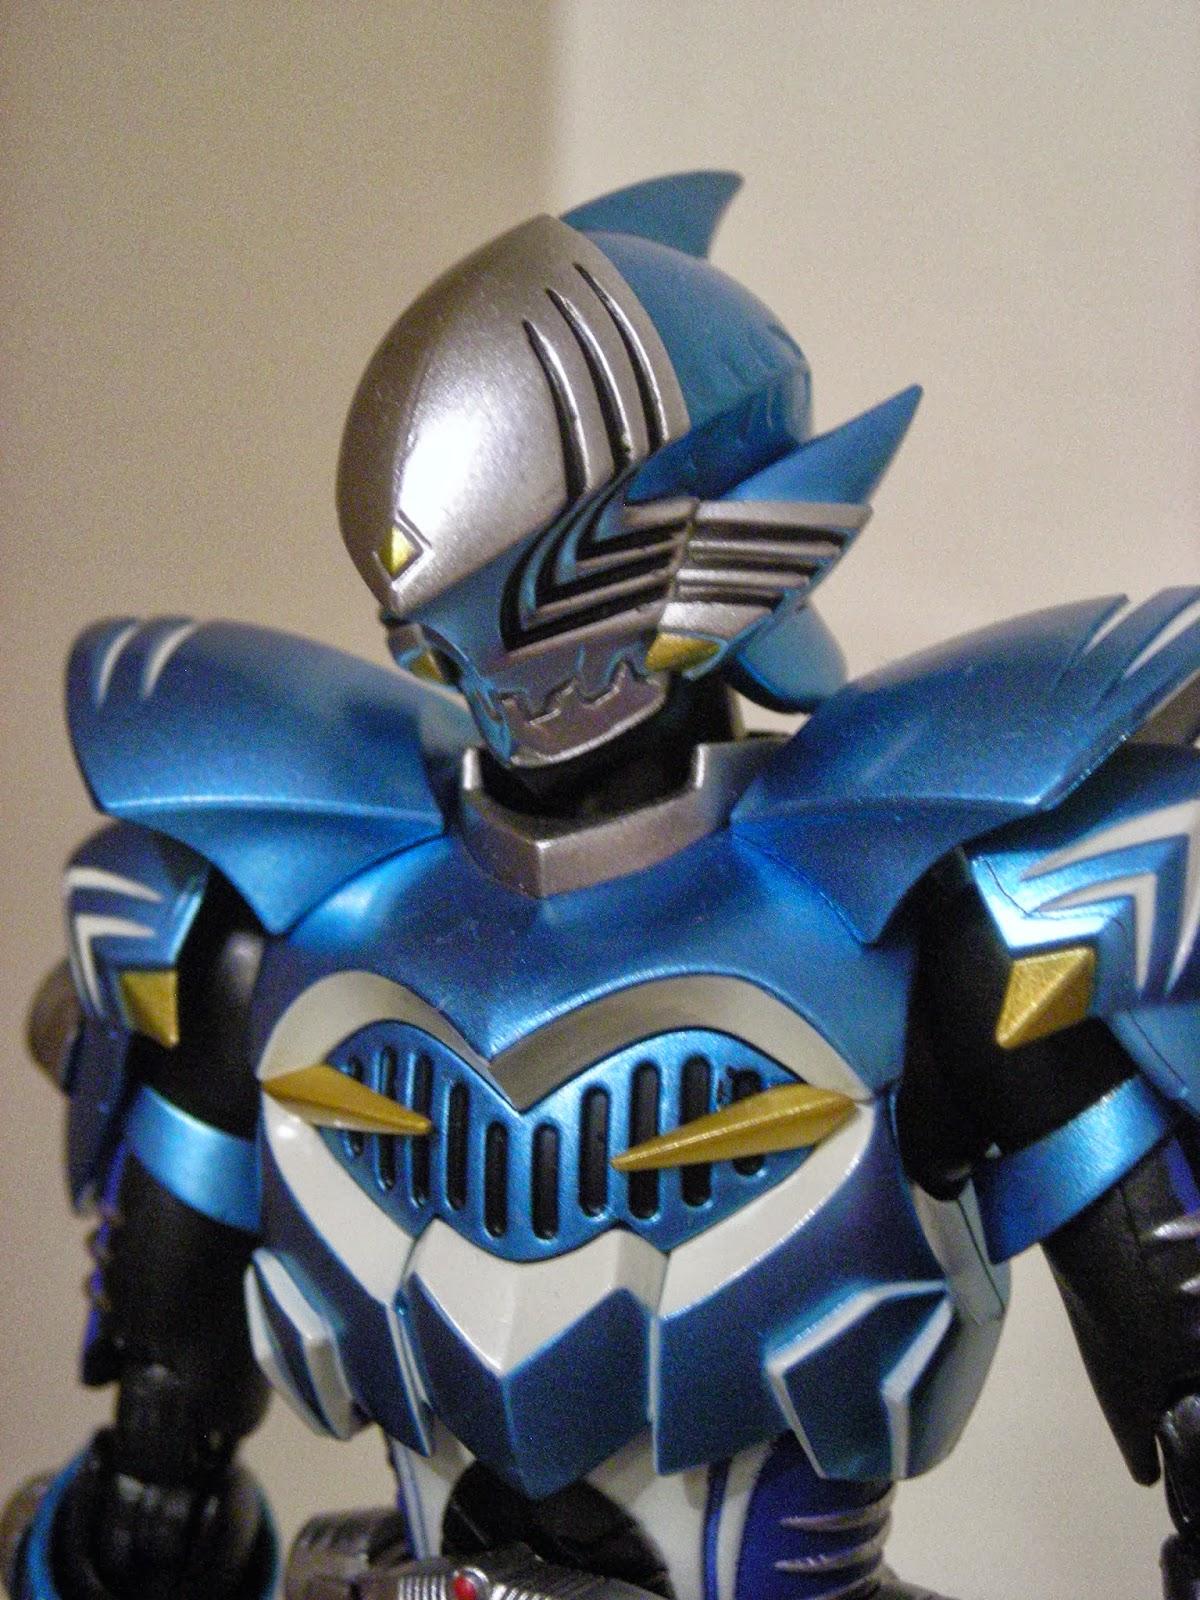 23 MARVELOUS MONSTERS Kamen rider